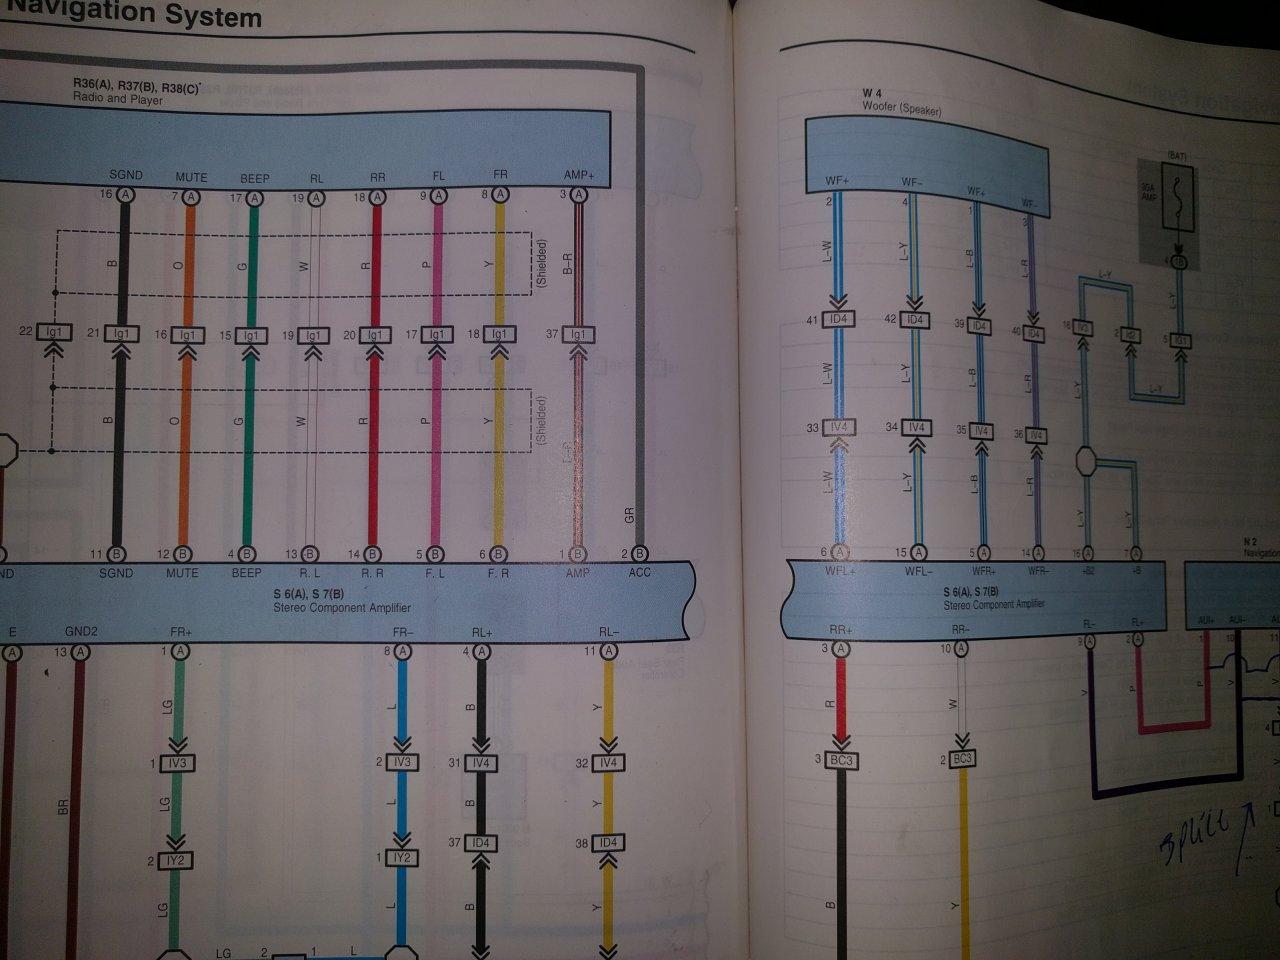 S10 Radio Wiring Diagram Schematic Wiring Diagram